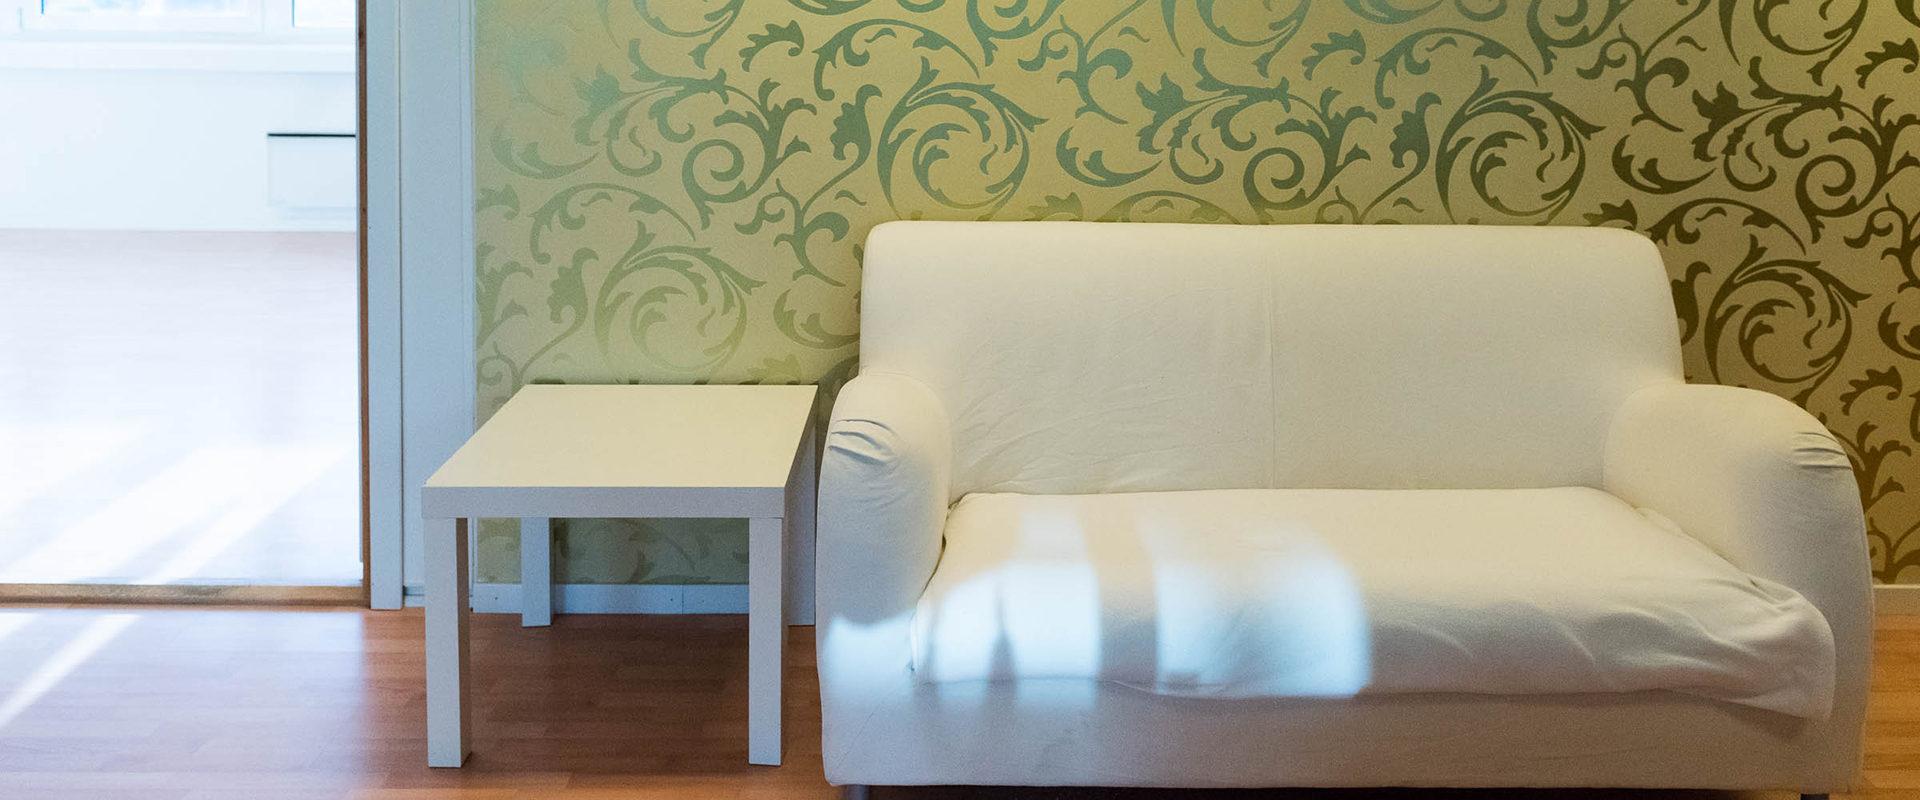 Bord og sofa ute i venteværelset.